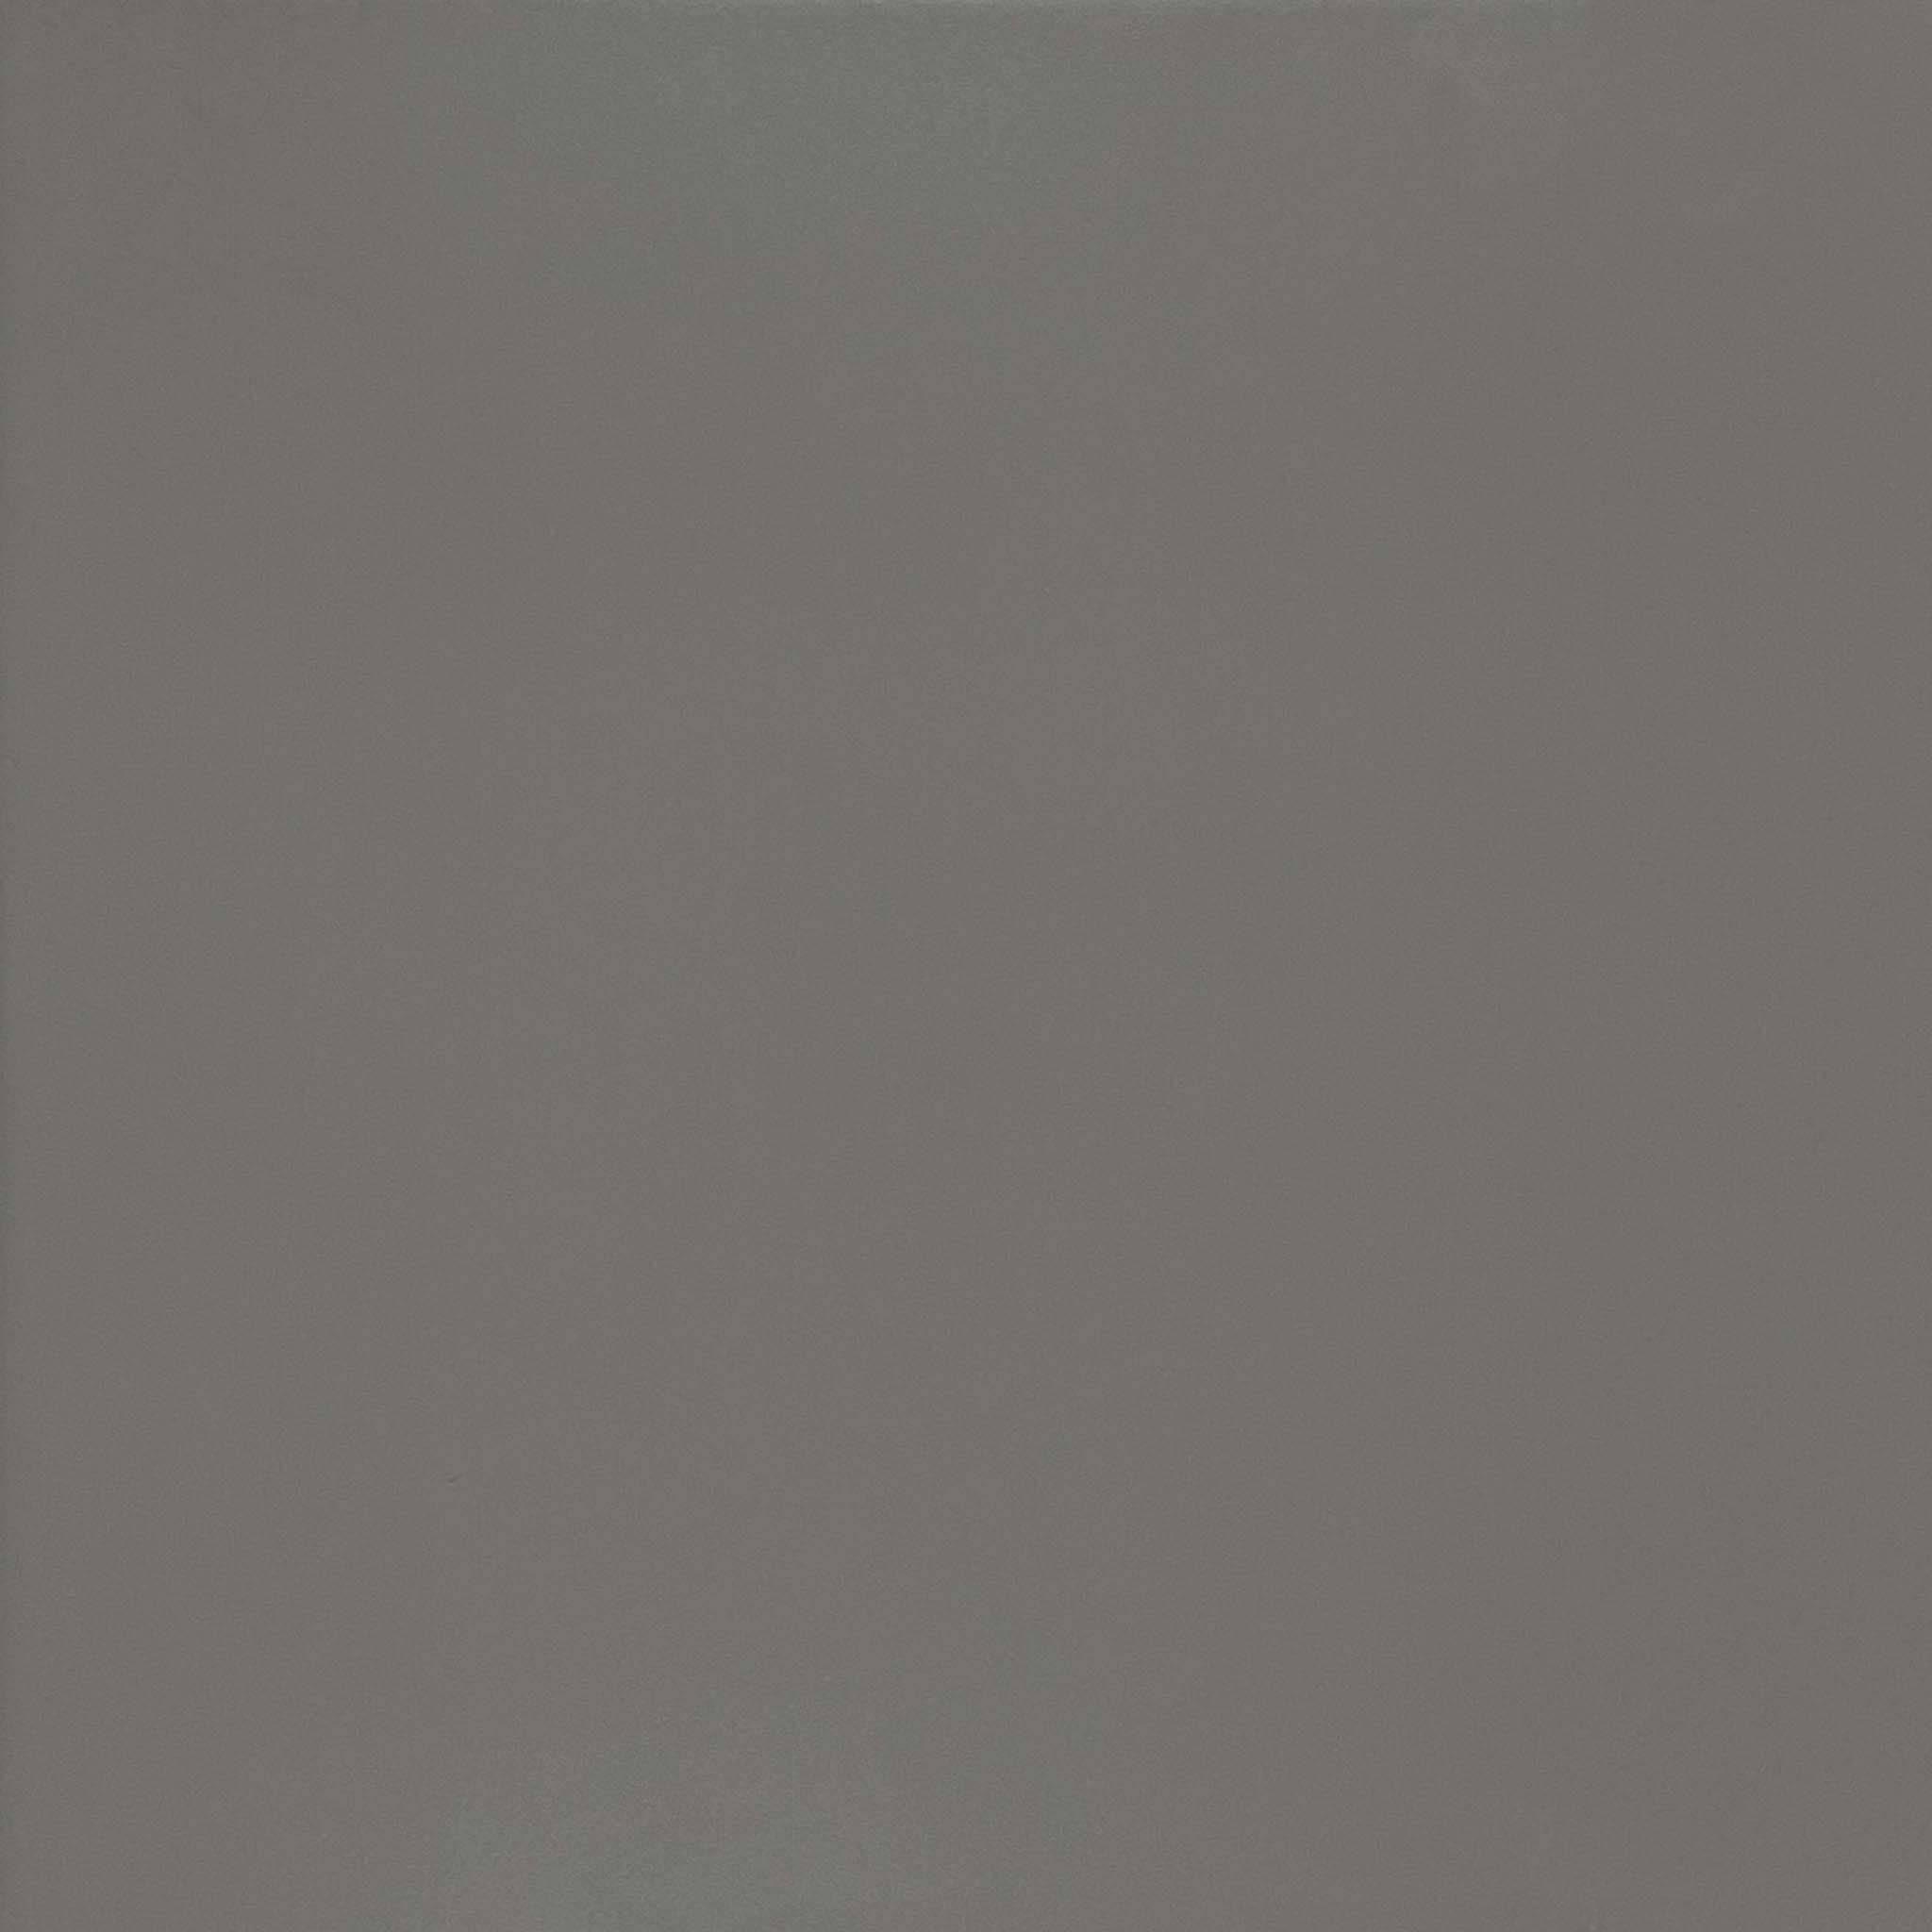 Hemp Taupe Matt Ceramic Floor Tile 2216